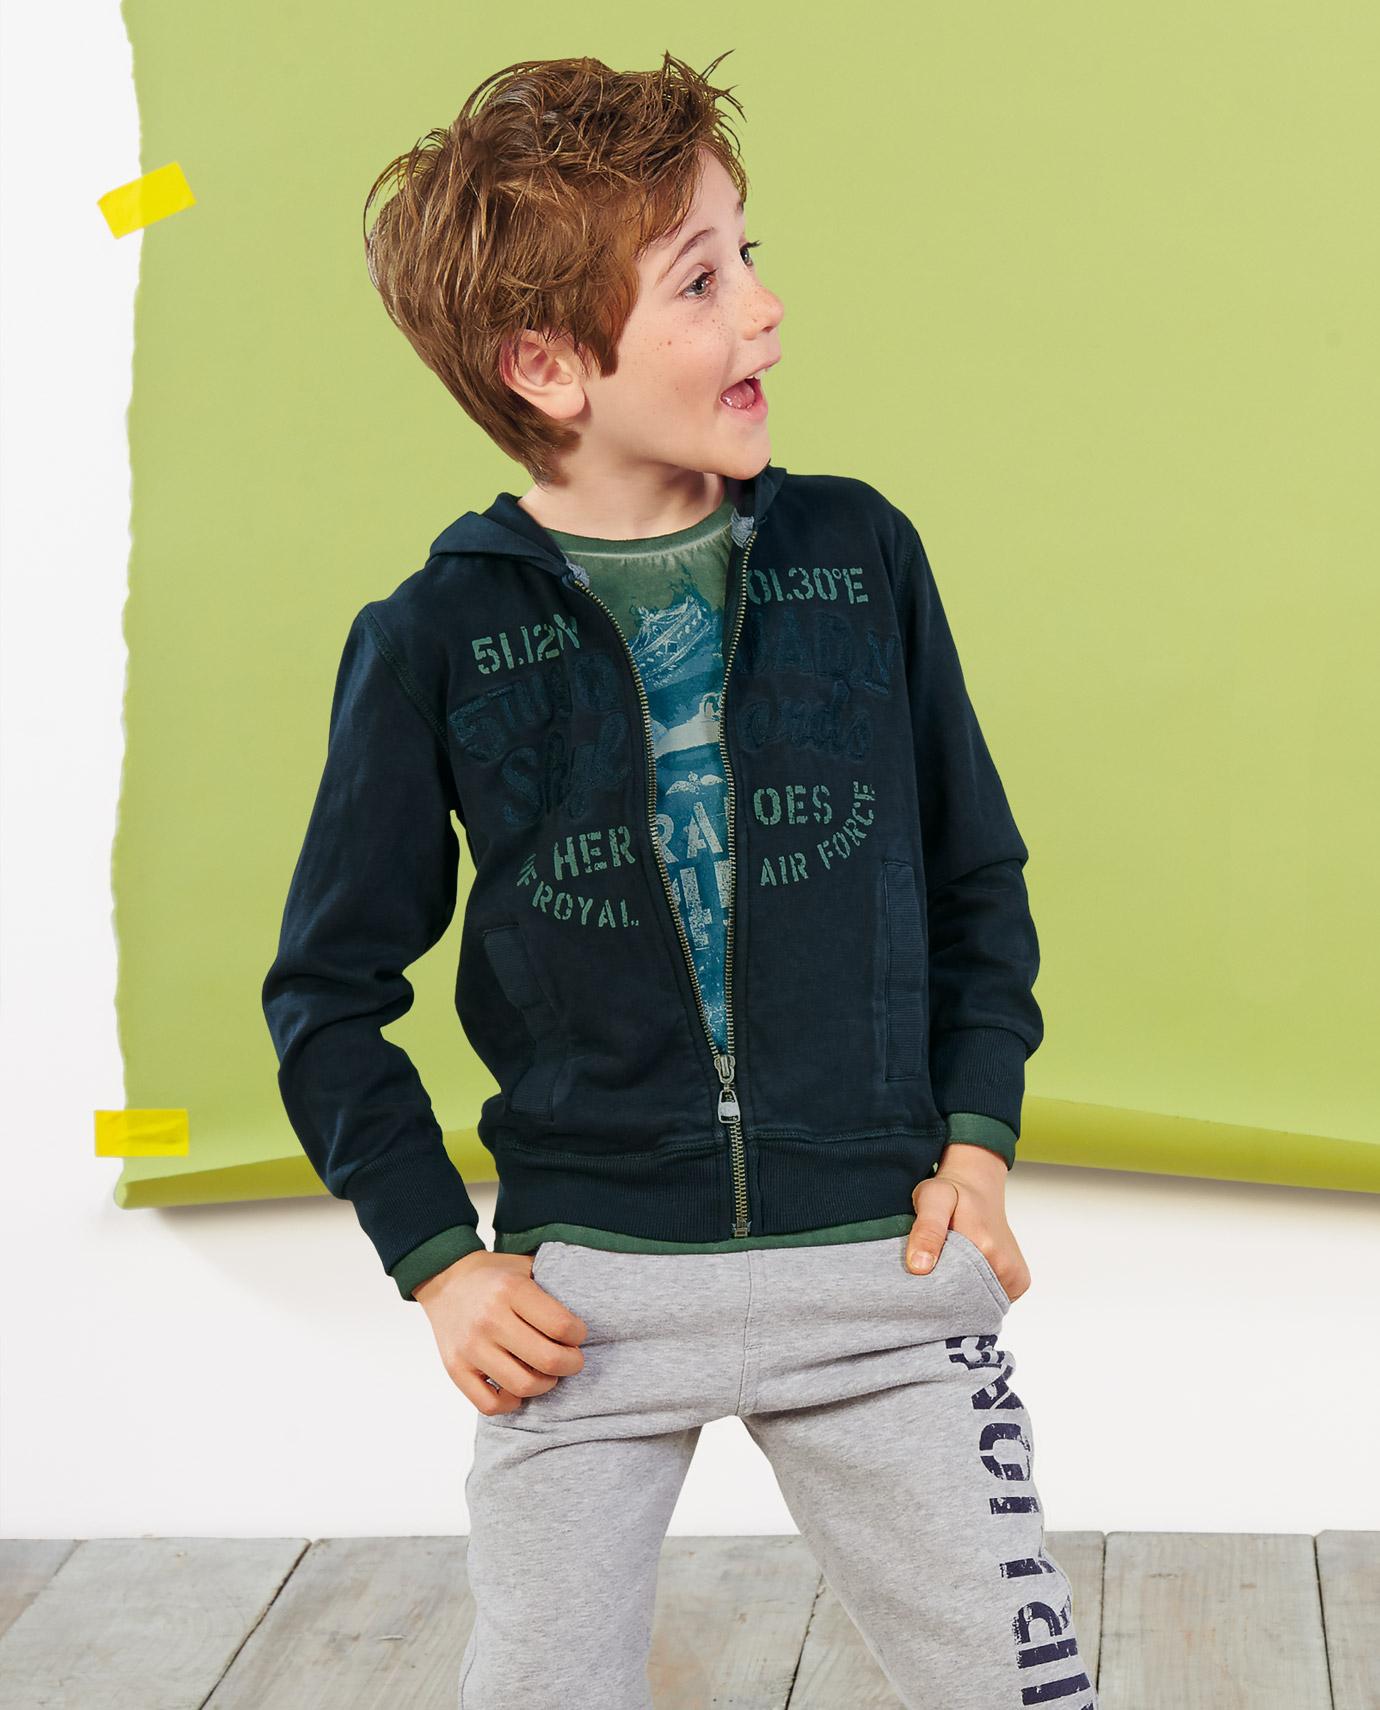 Dodipetto veste l'autunno inverno dei bambini più cool